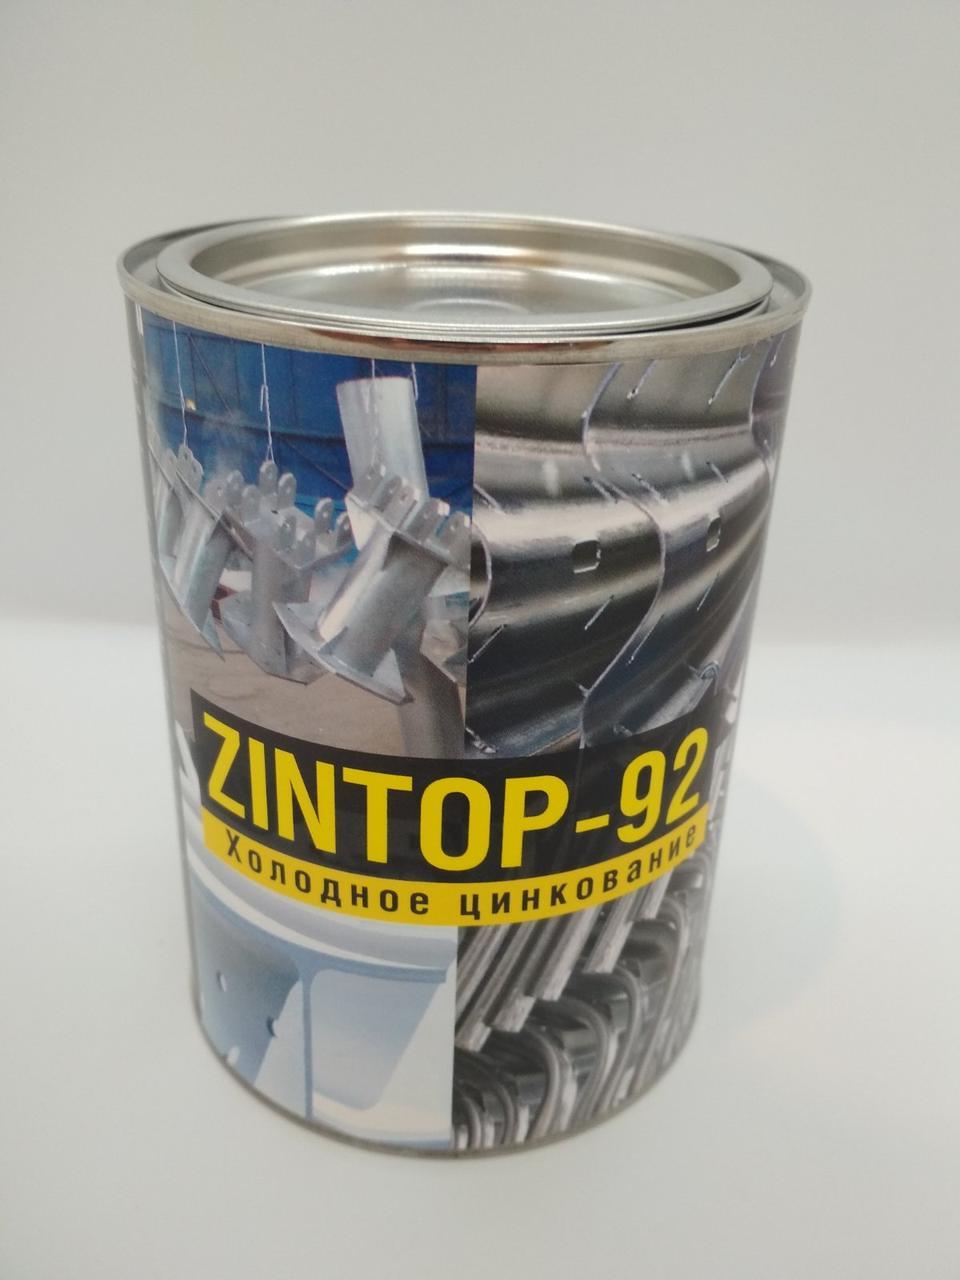 ZINTOP-92(рідкий цинк) TM Sorbi